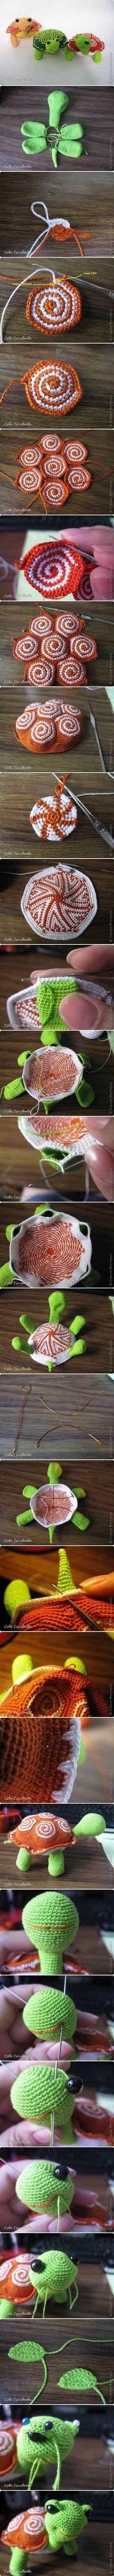 Luty Artes Crochet: Tartaruga de crochê + PAP